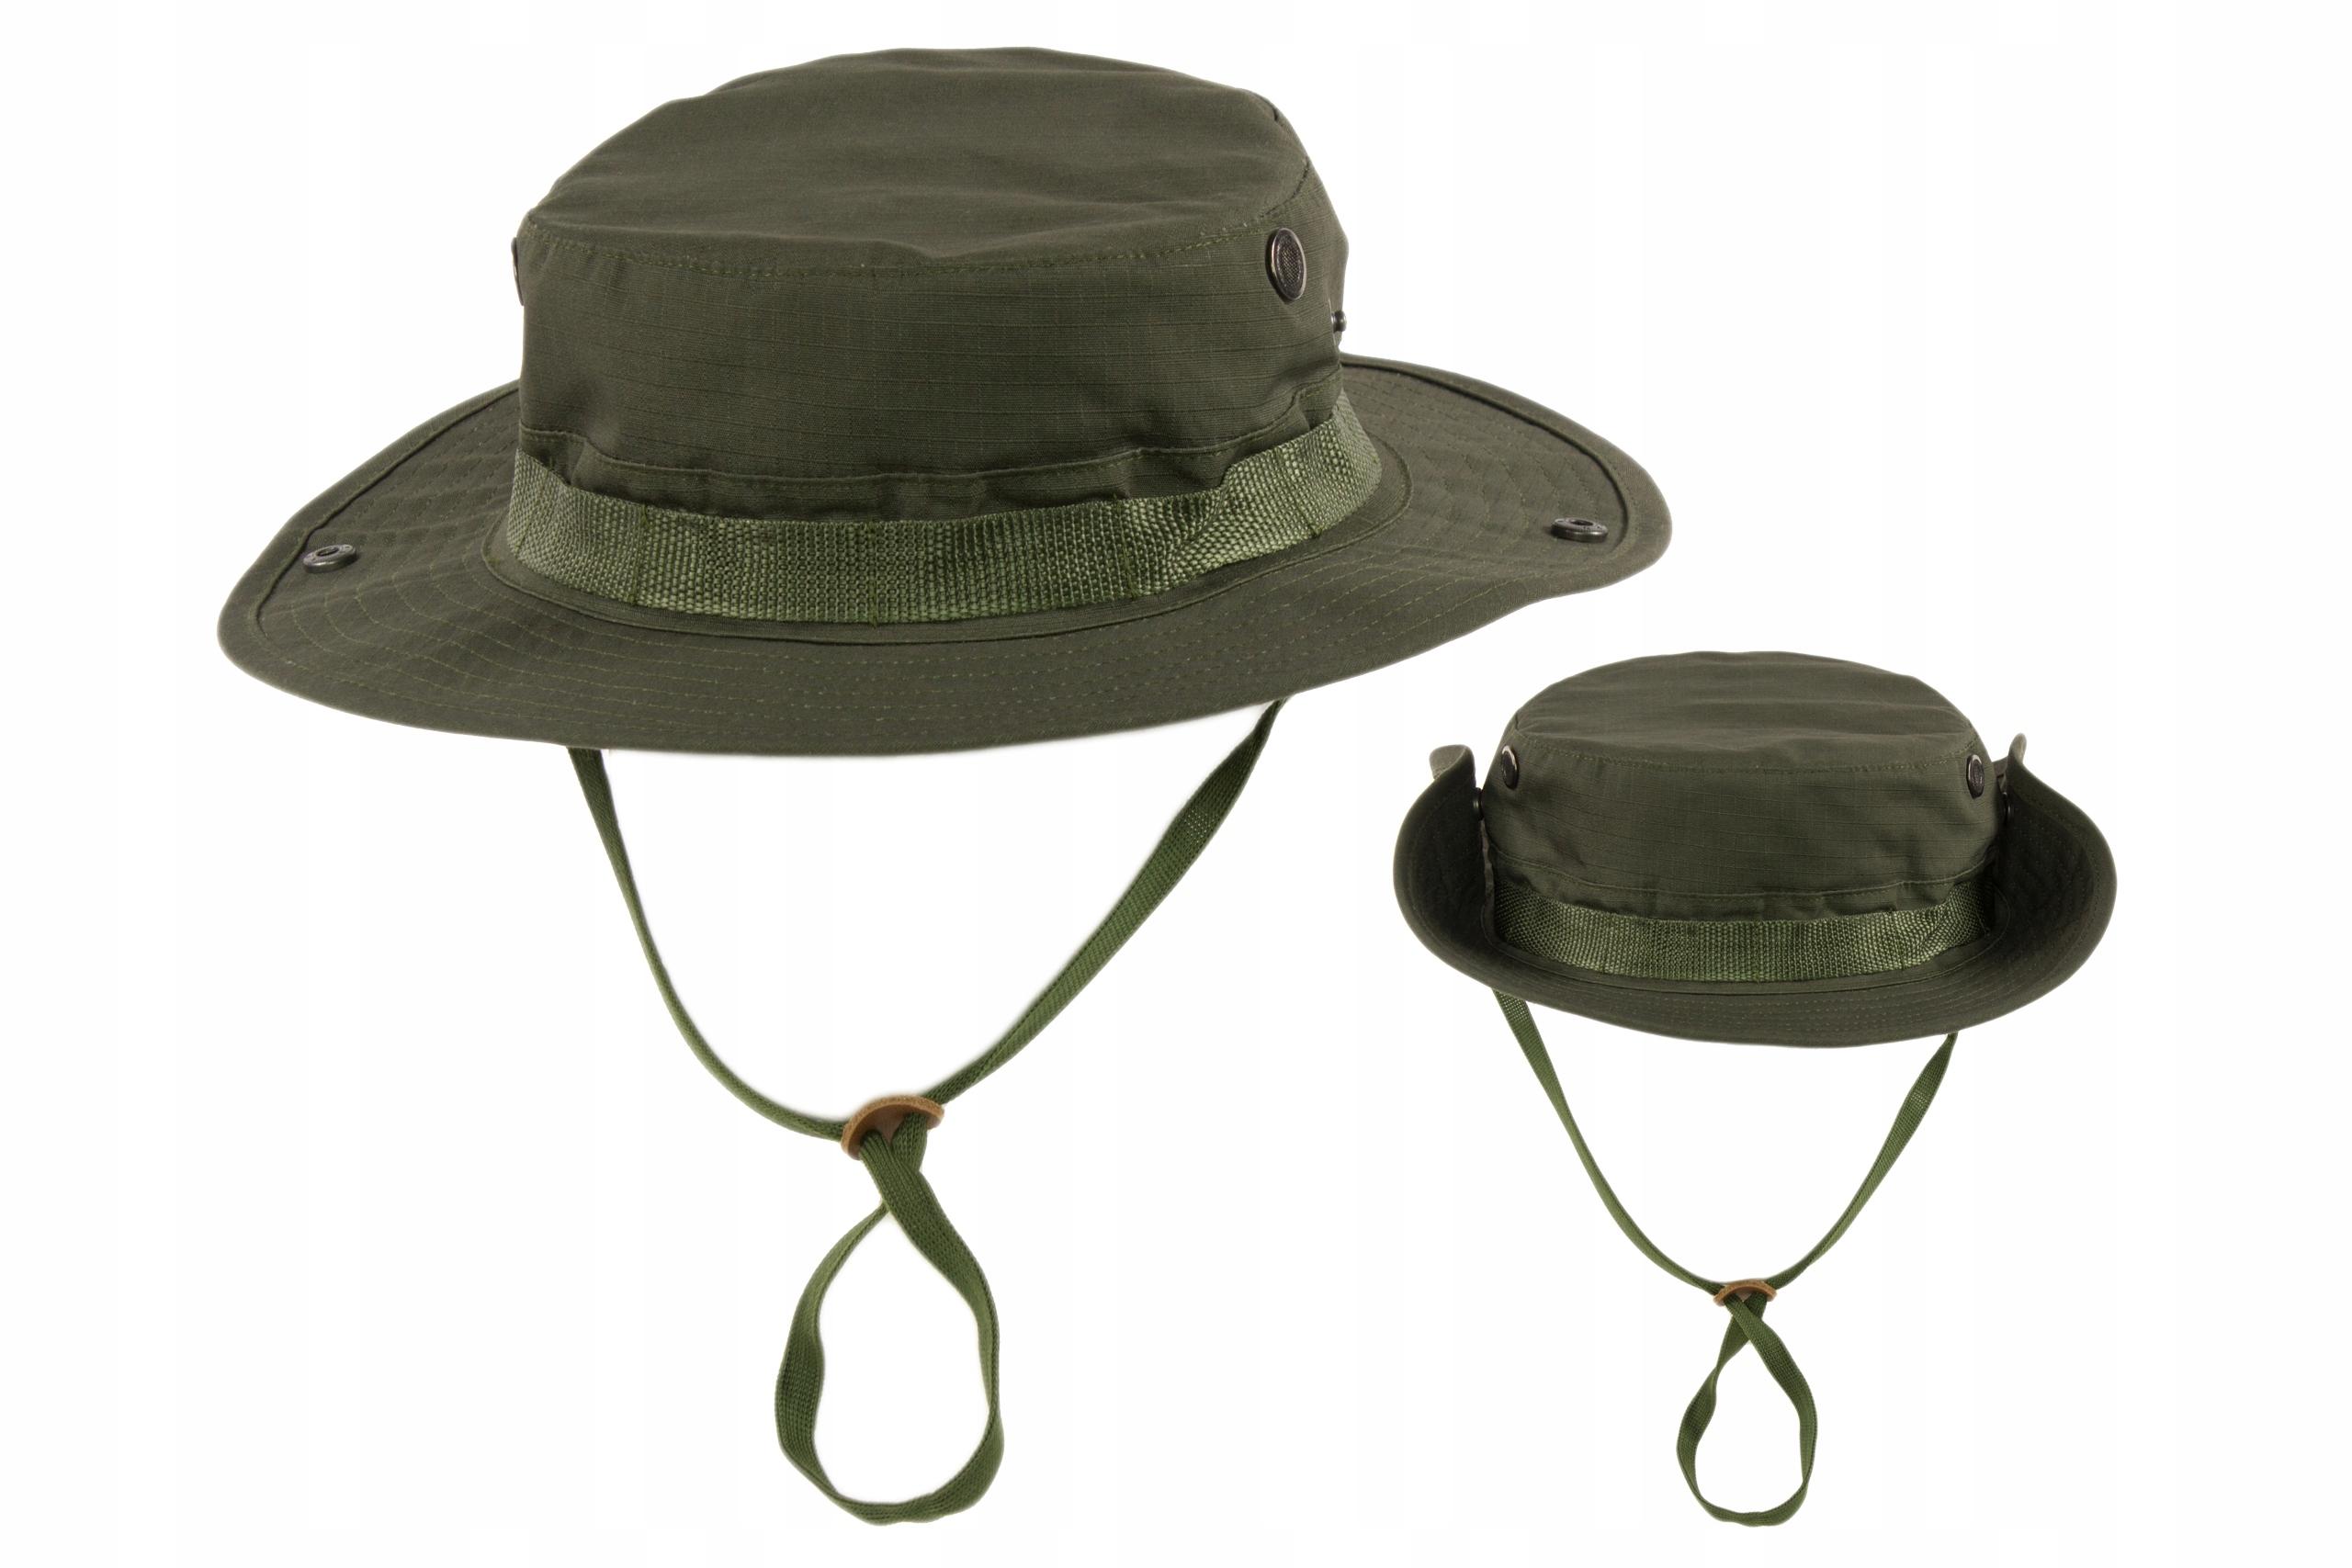 Turystyczny Kapelusz Wojskowy Zielony Texar R.59